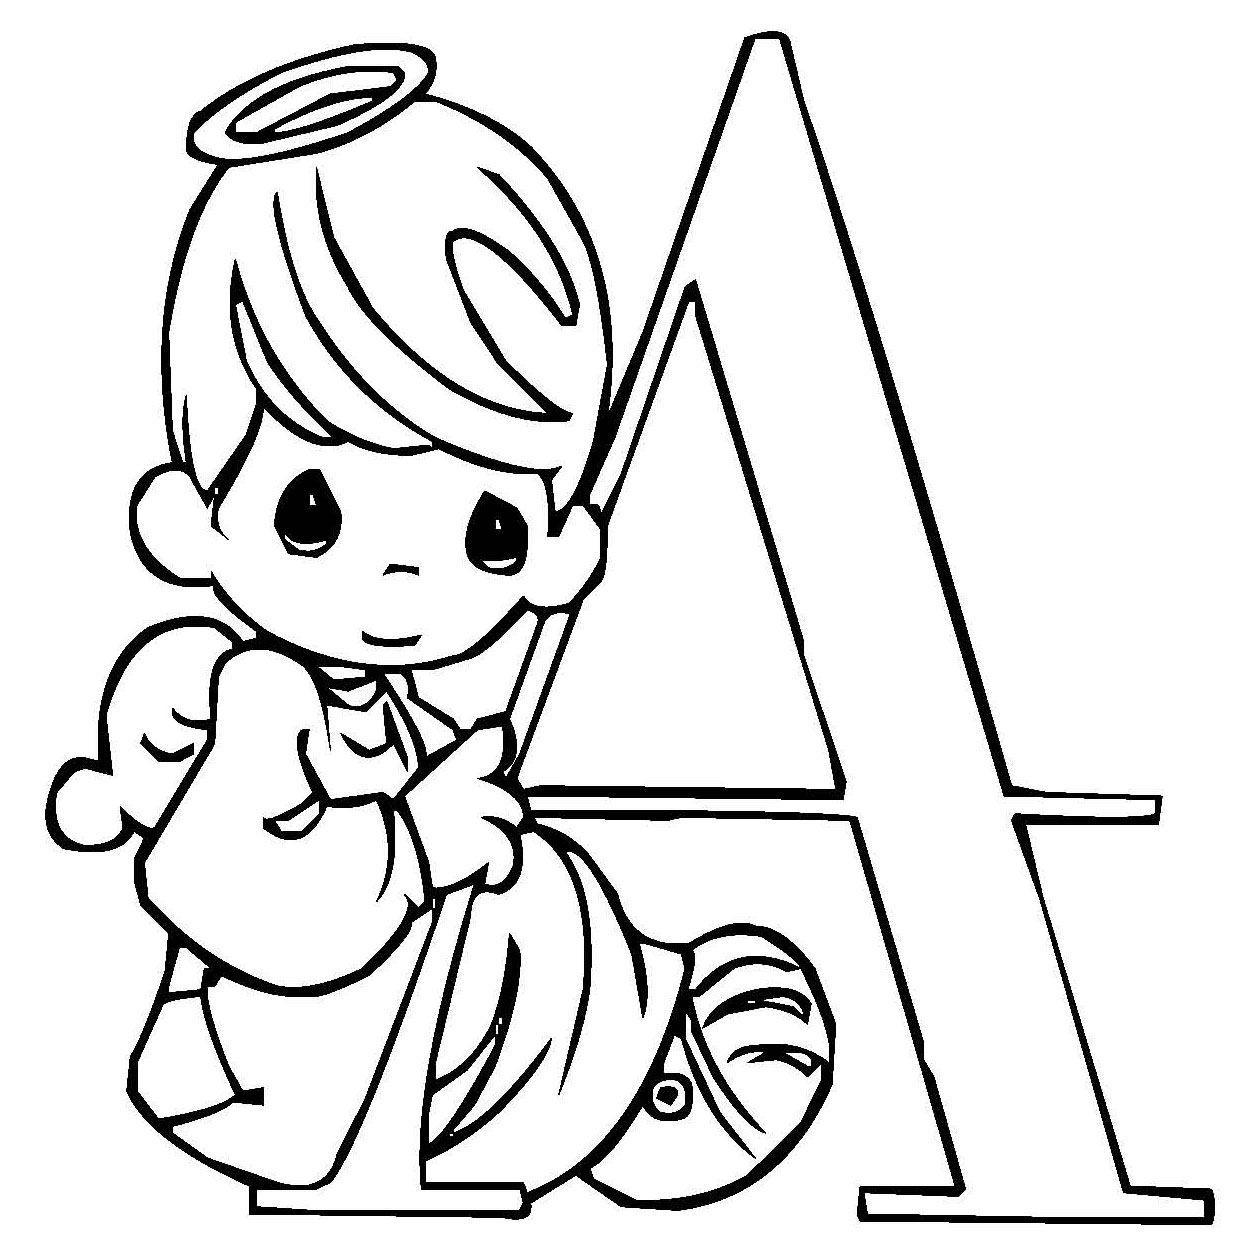 раскраска буква а для детей распечатать бесплатно